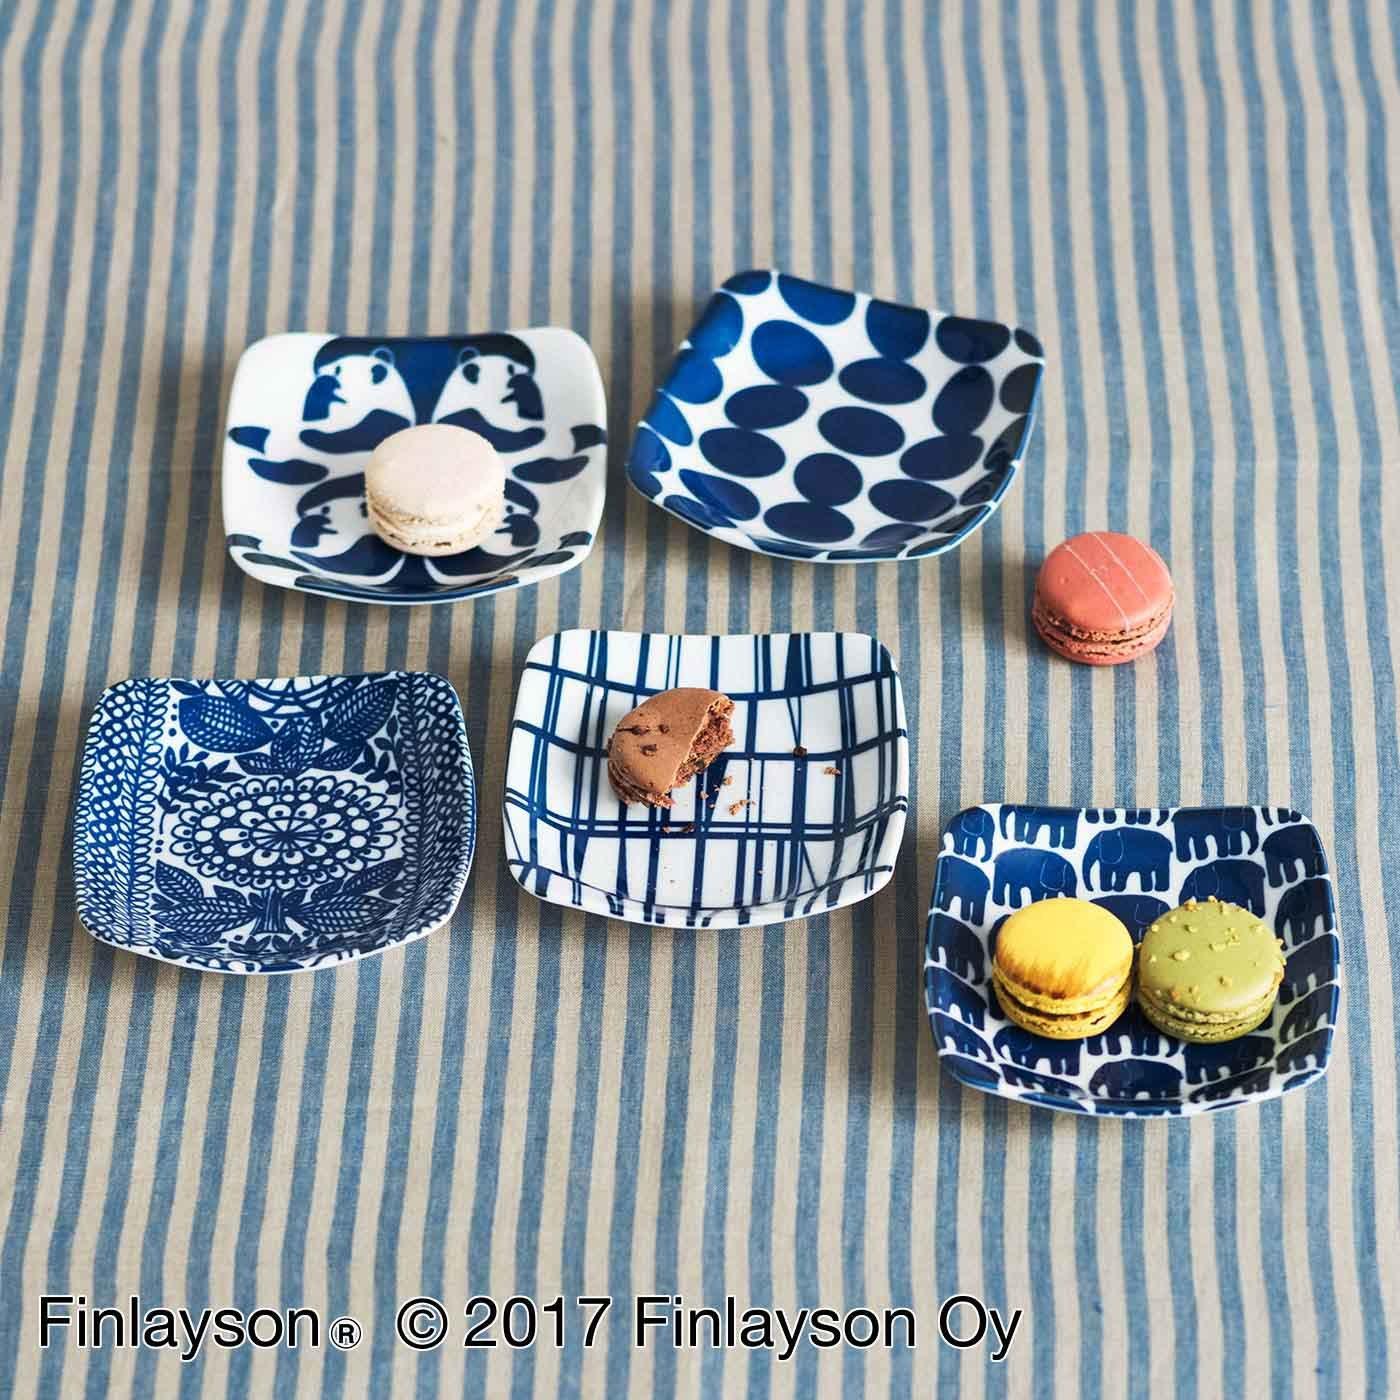 Finlayson フィンレイソン 藍色美しい5種類の角皿セット